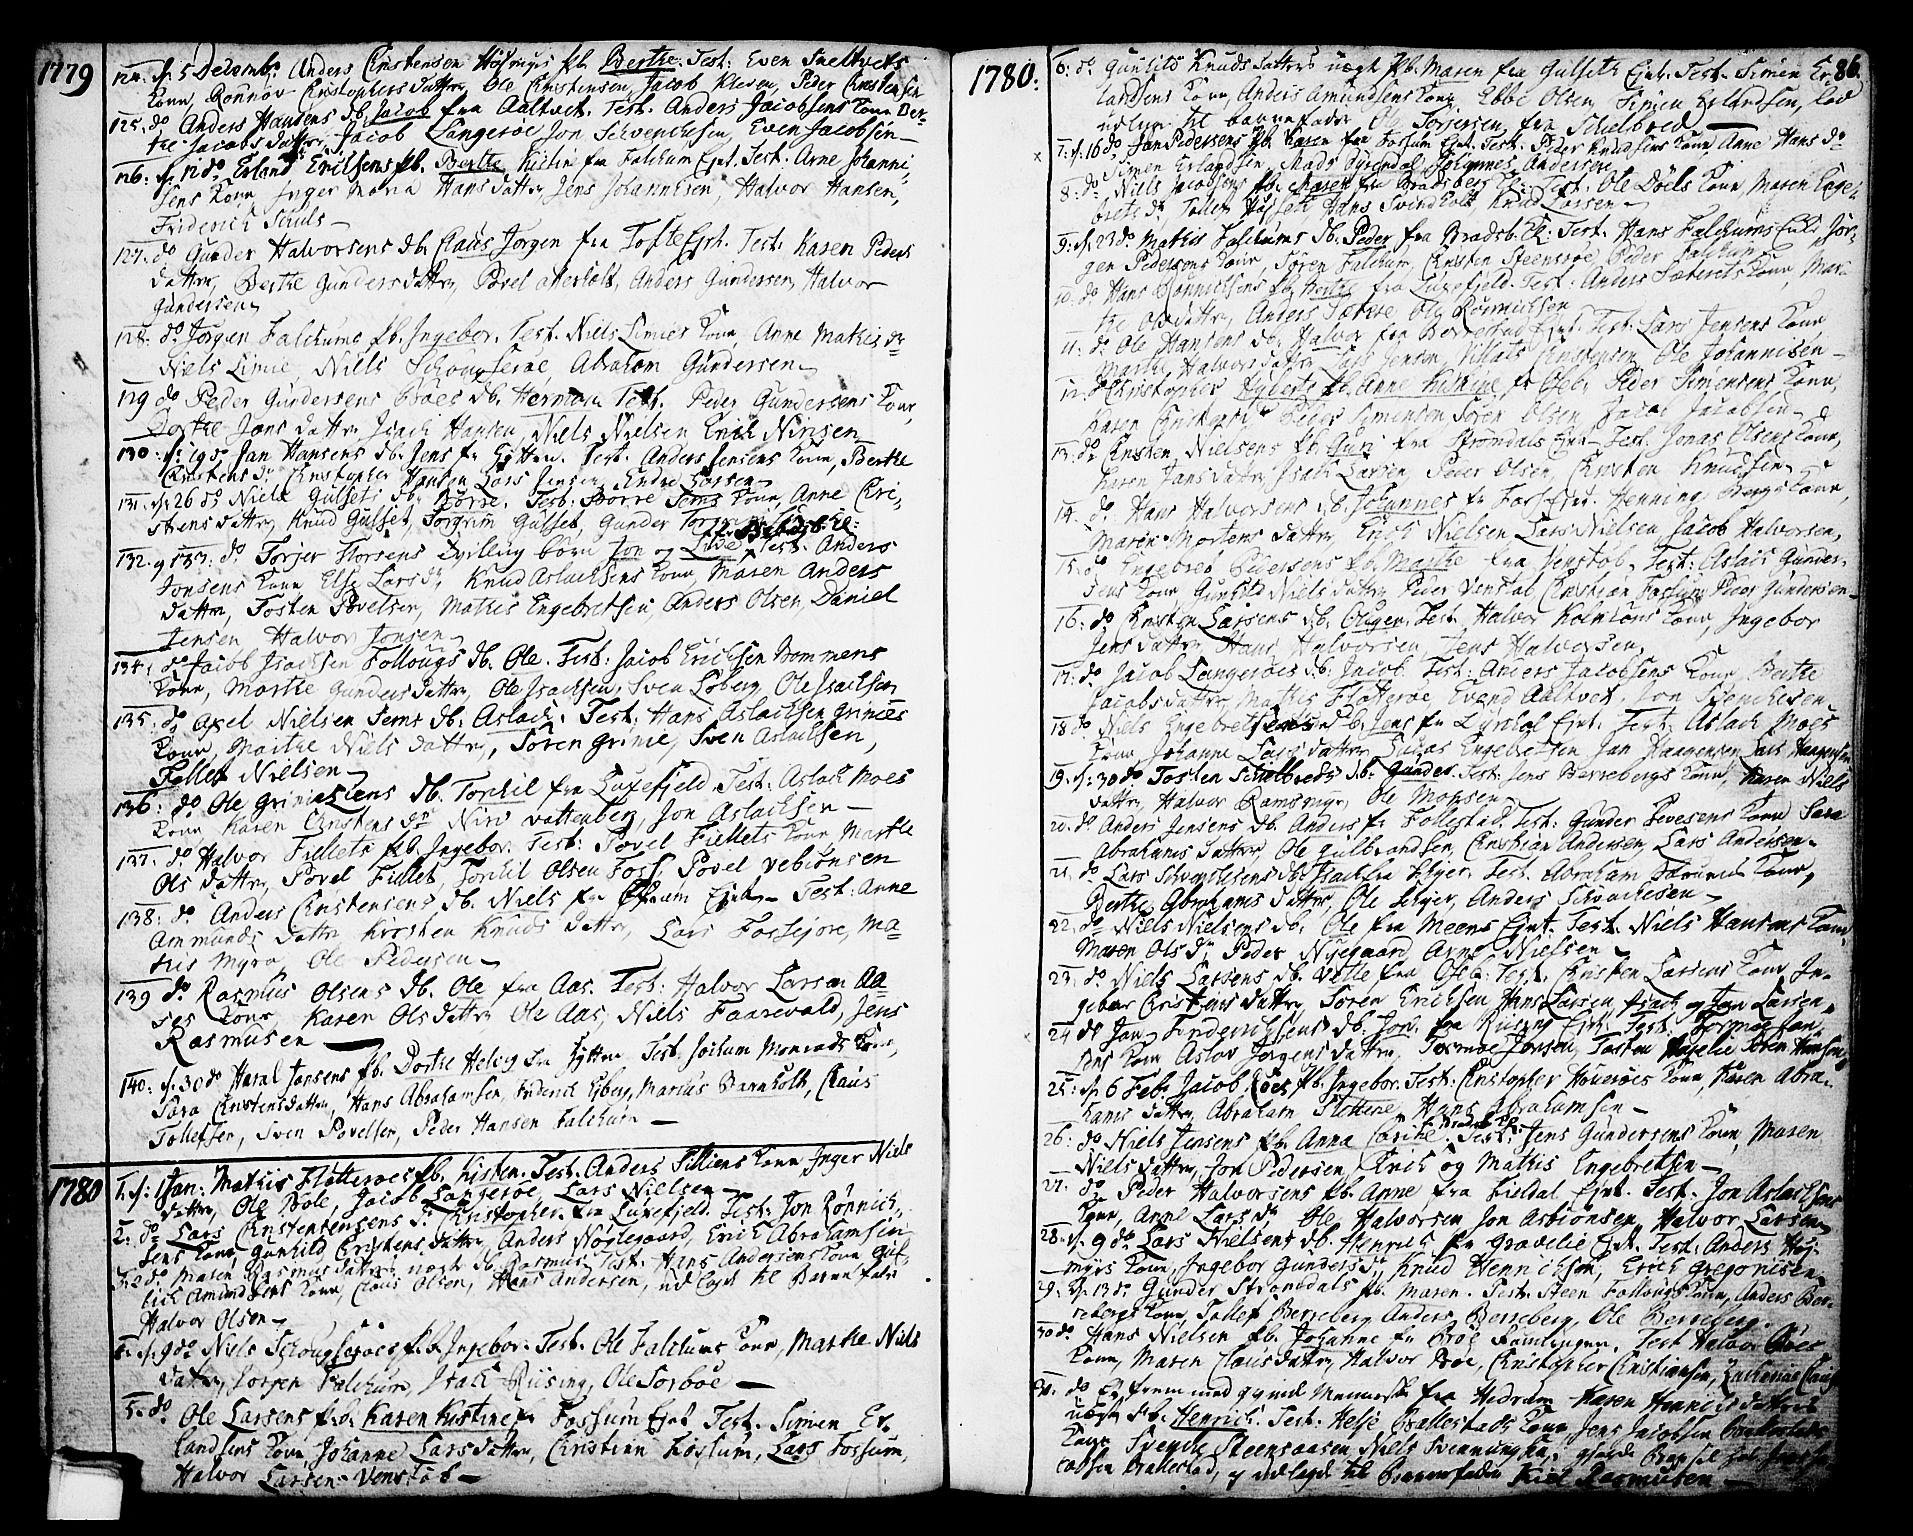 SAKO, Gjerpen kirkebøker, F/Fa/L0002: Ministerialbok nr. 2, 1747-1795, s. 86